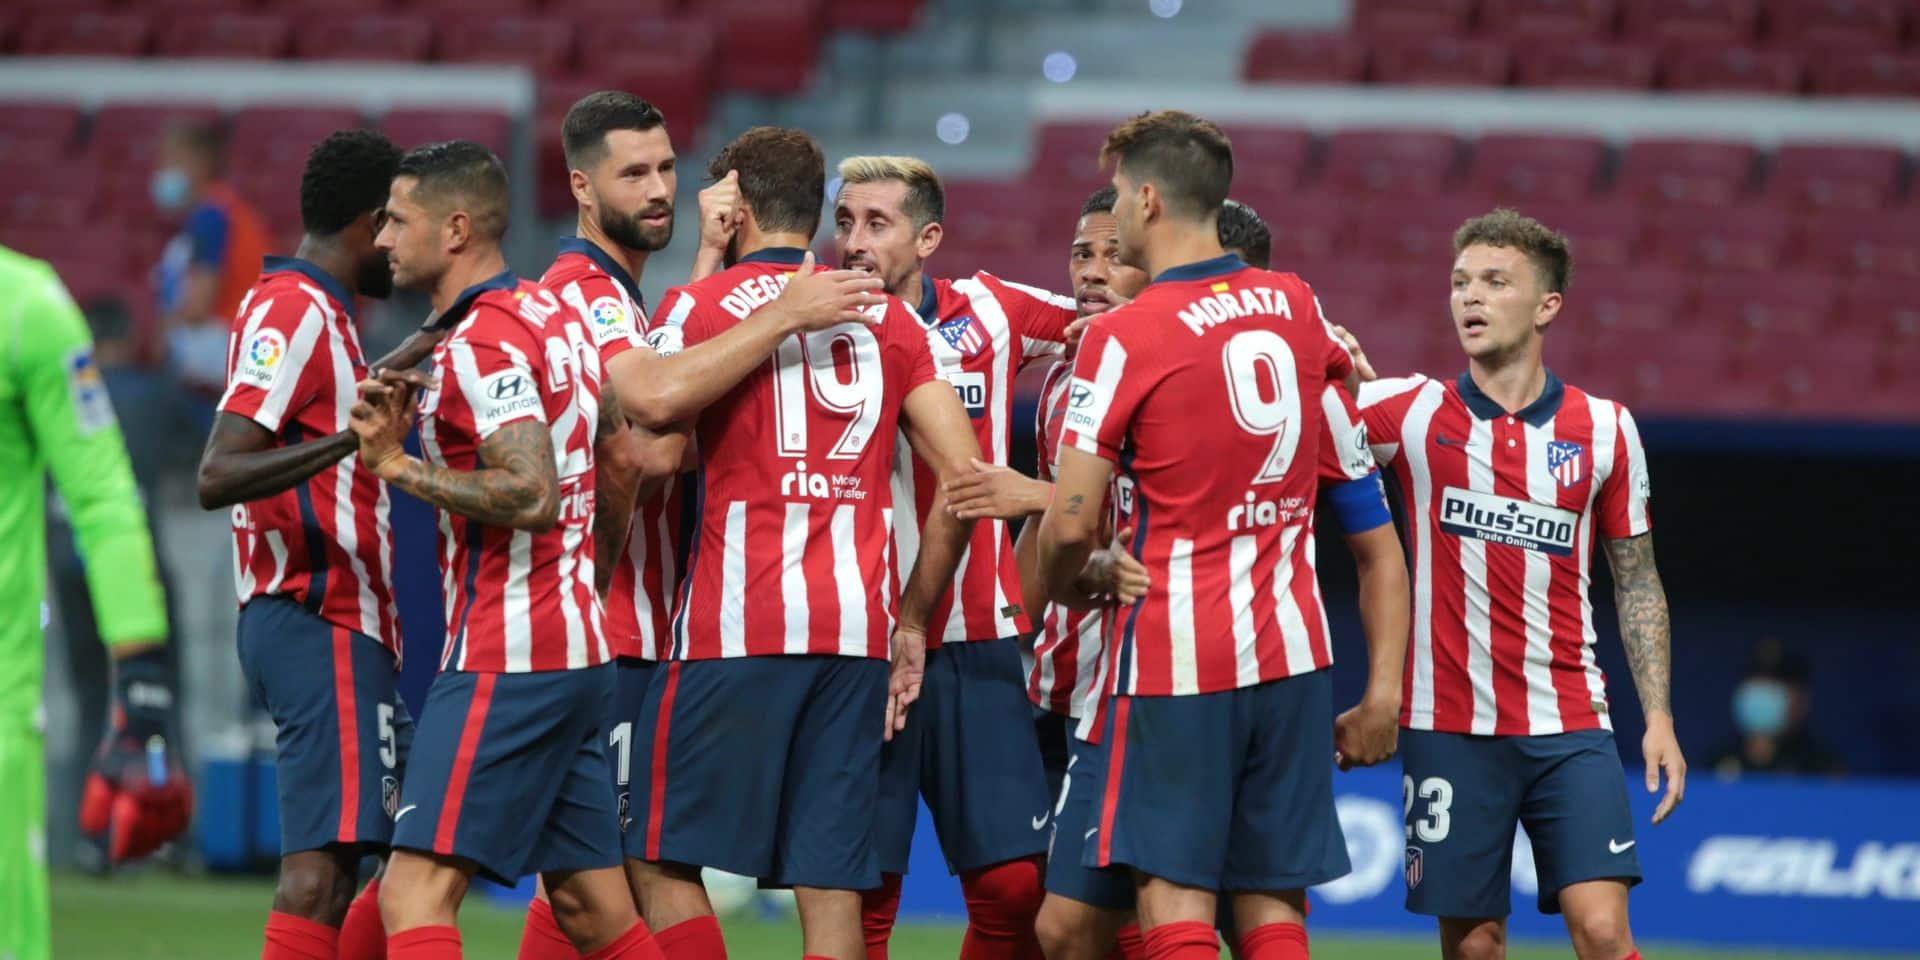 Deux membres de l'Atlético Madrid positifs au Covid-19 à 4 jours du Final 8